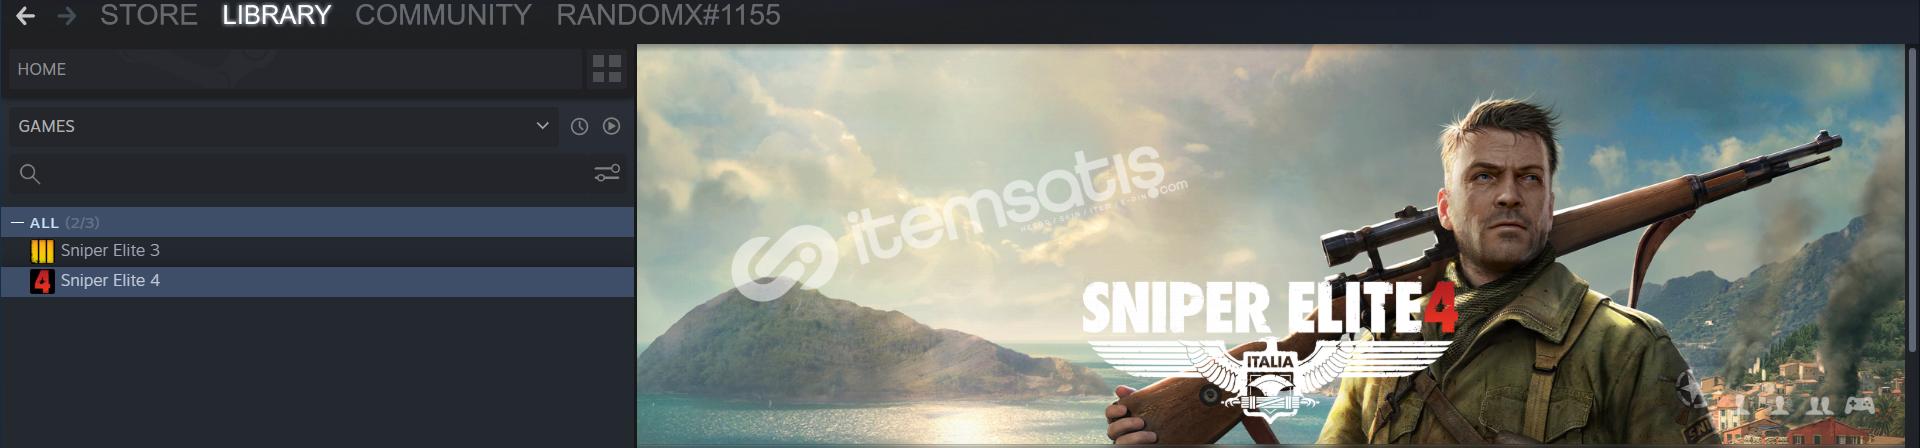 Sniper Elite 3 / Sniper Elite 4 Orijinal Steam Hesabı 3TL